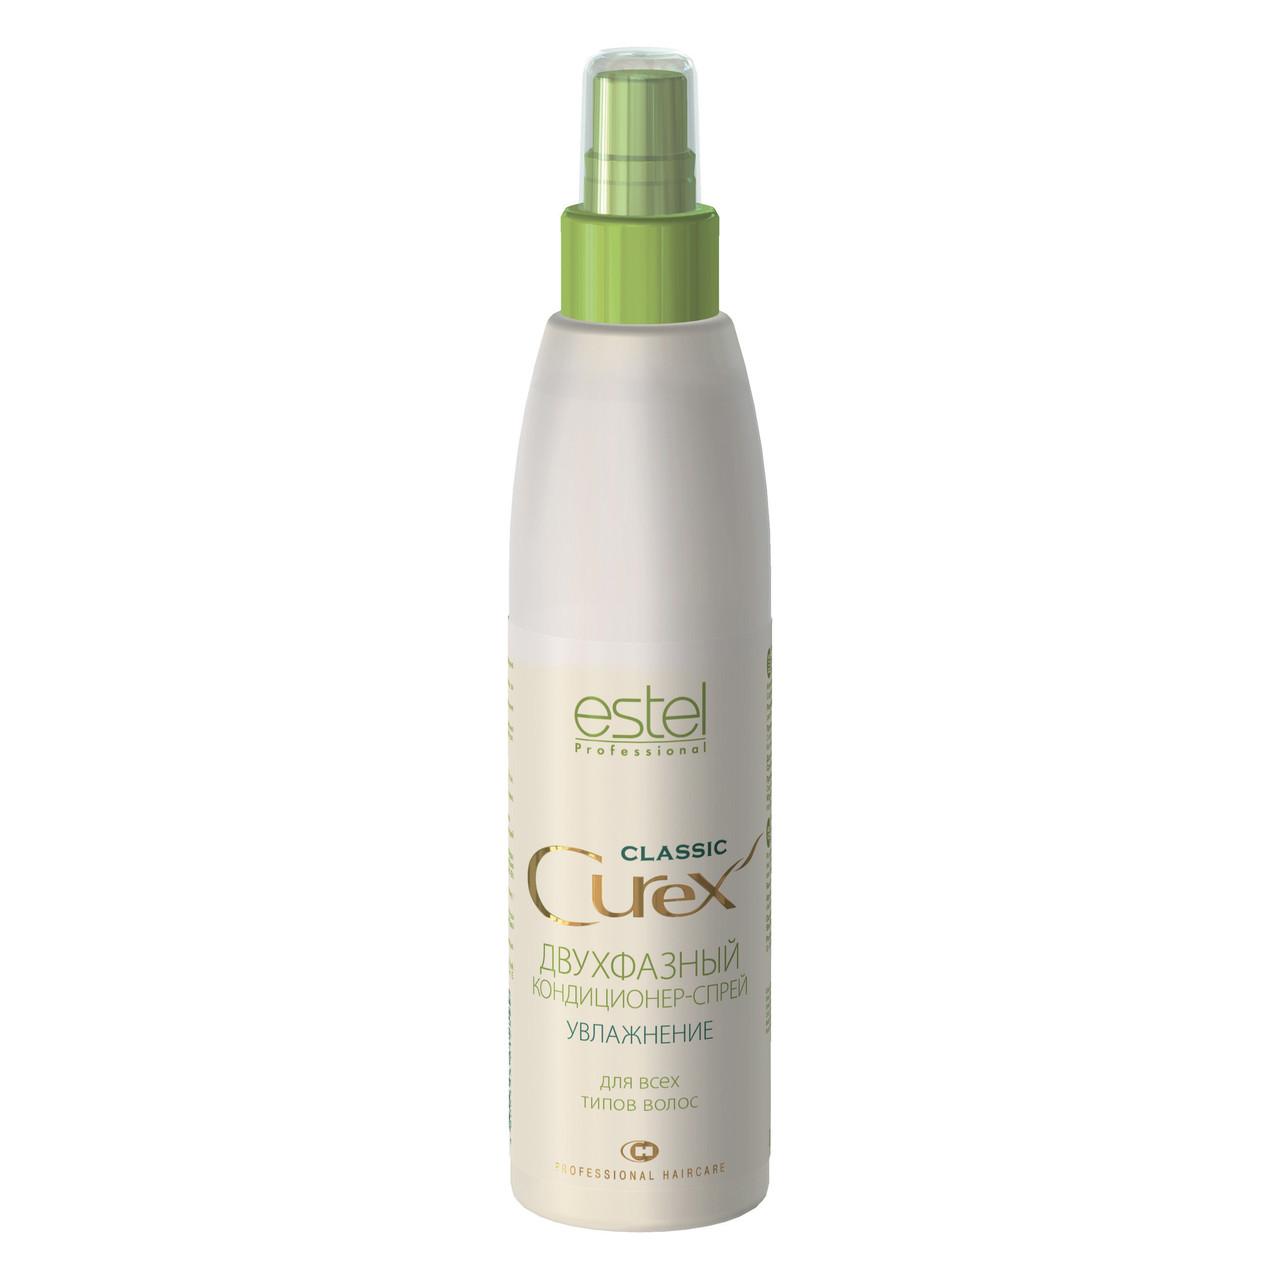 """ESTEL CUREX CLASSIC Двофазний кондиціонер-спрей для волосся """"Зволоження"""" 200 мл."""